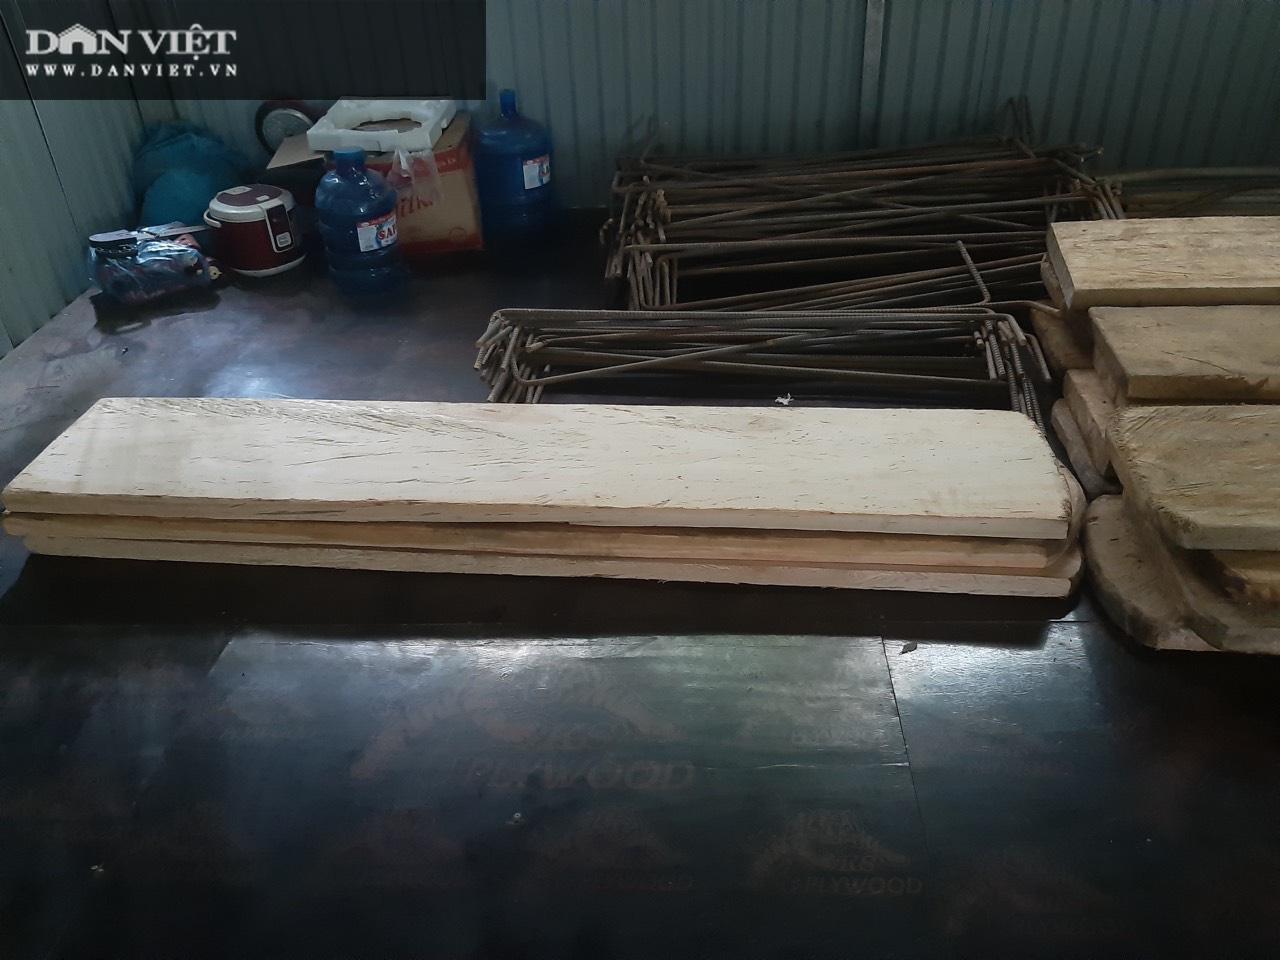 Video điều tra: Gỗ pơ mu từ rừng xanh đến tổng kho buôn gỗ - Ảnh 6.